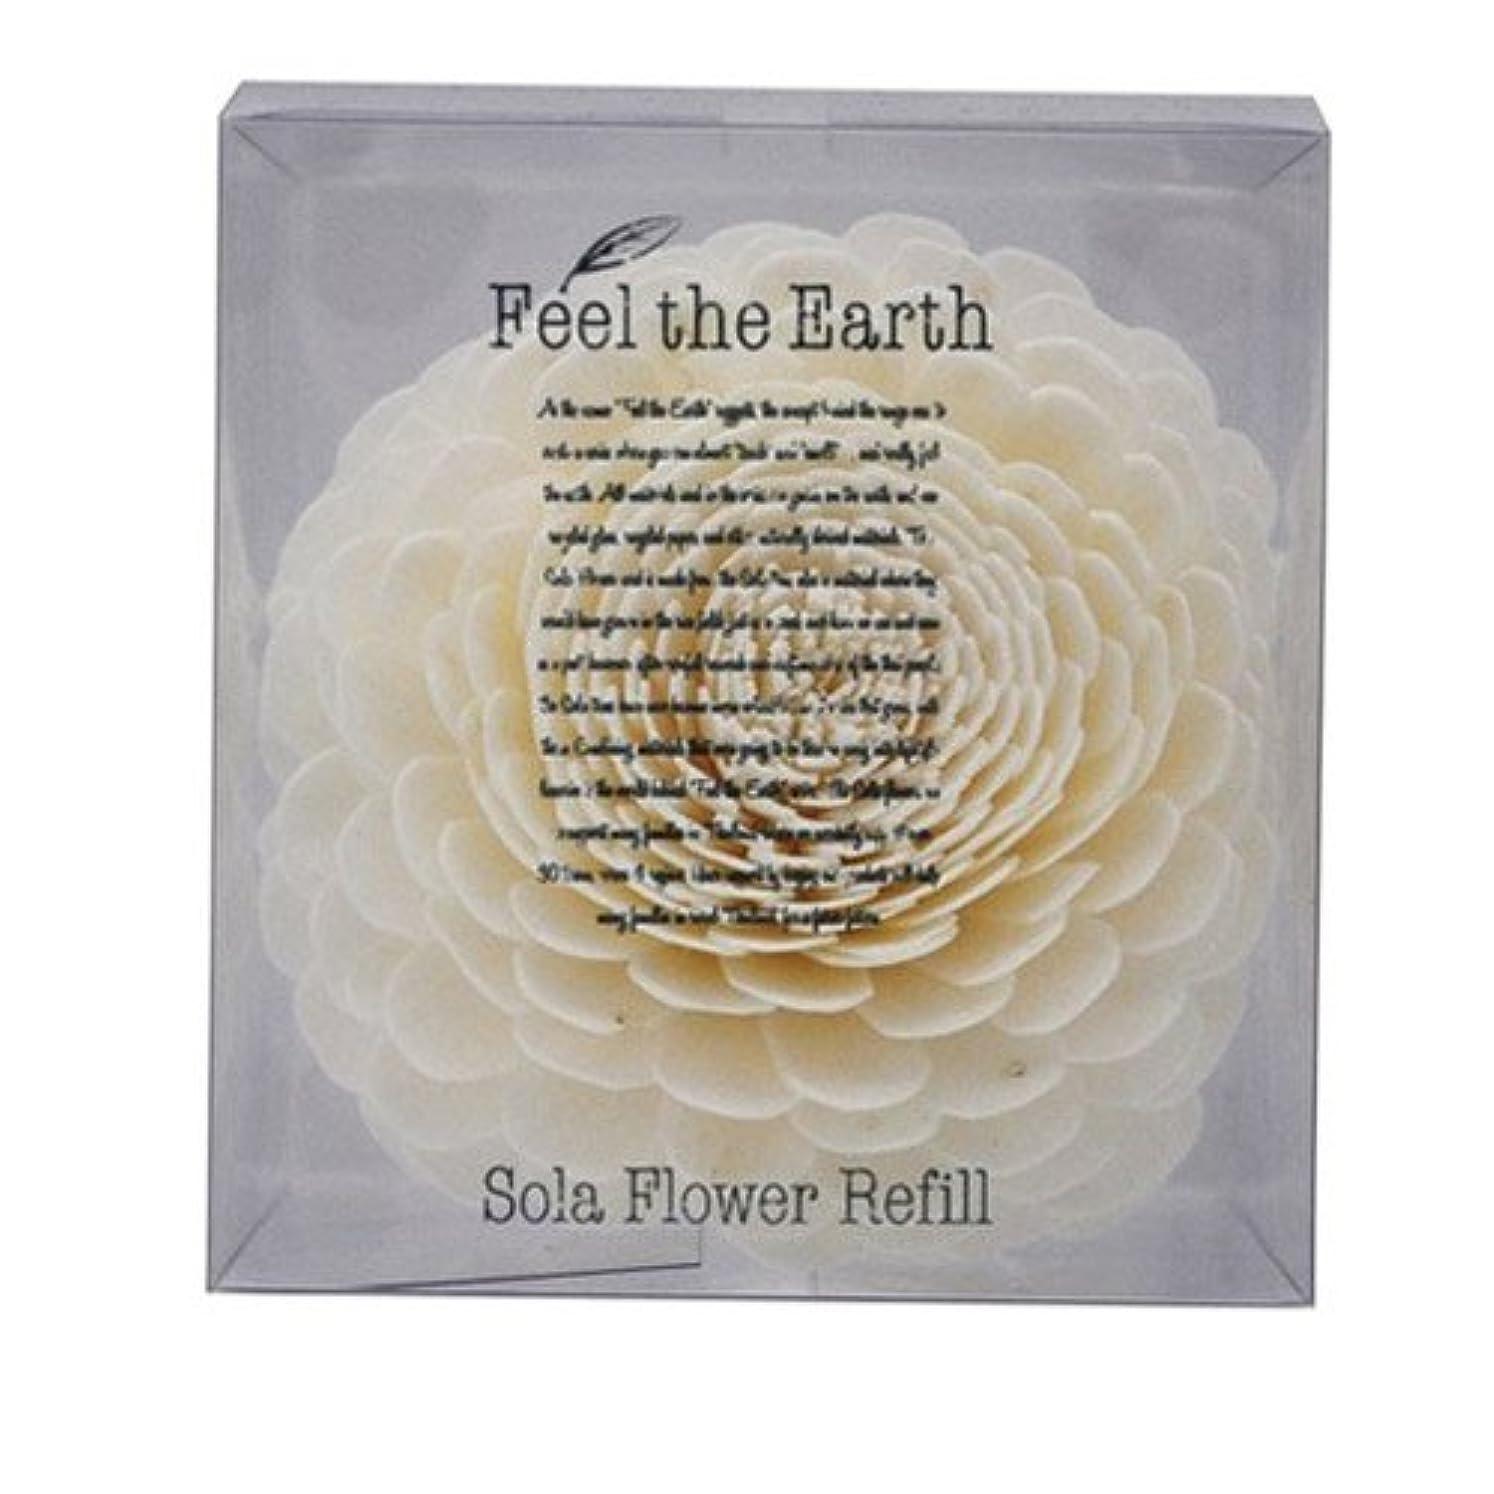 目覚める共役署名FEEL THE EARTH ソラフラワー リフィル ダリア DAHLIA フィール ジ アース